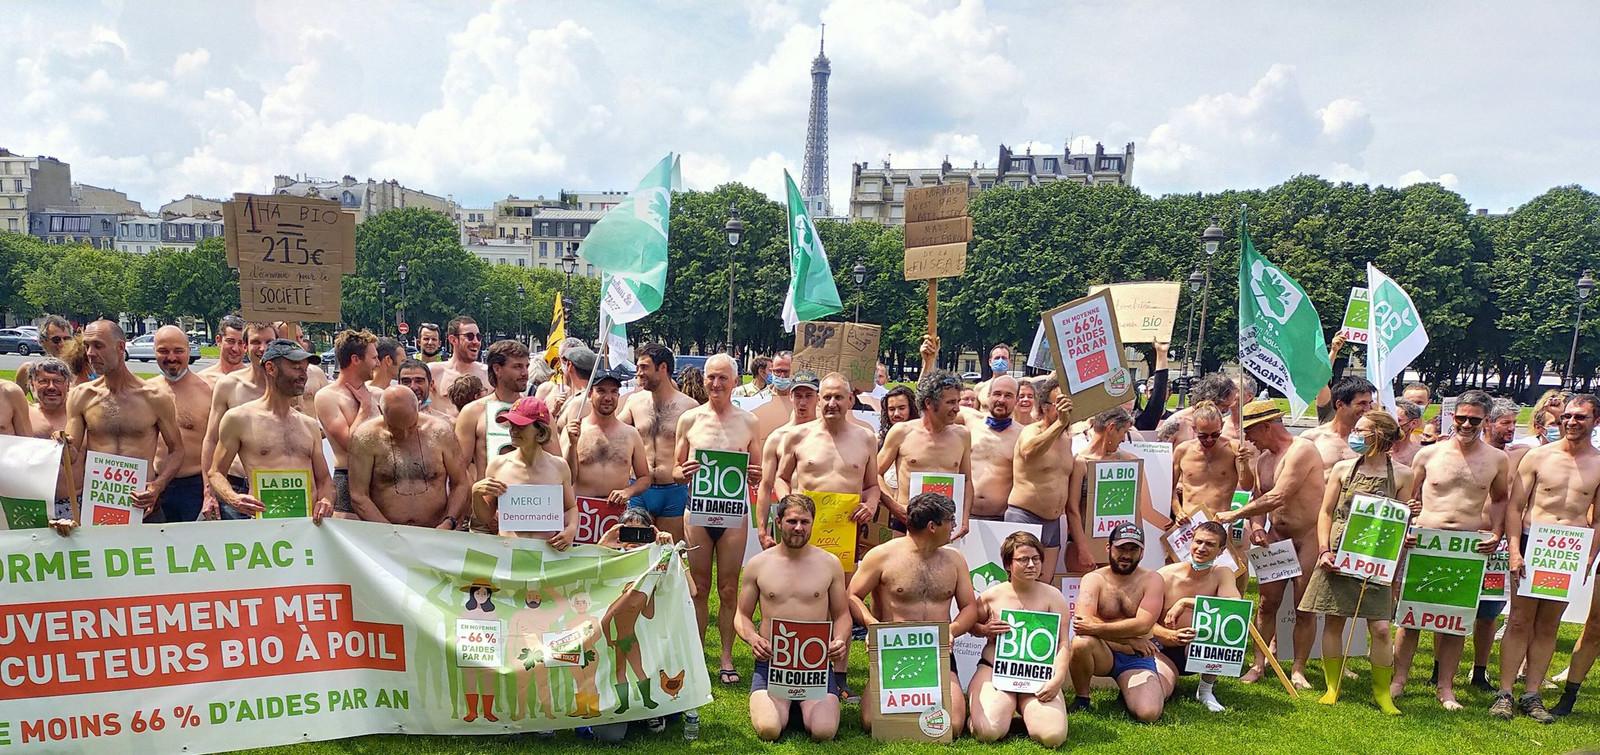 """""""La bio à poil"""": en posant nus, les agriculteurs veulent dénoncer la prochaine reforme de la PAC à Paris le 2 juin 2021."""